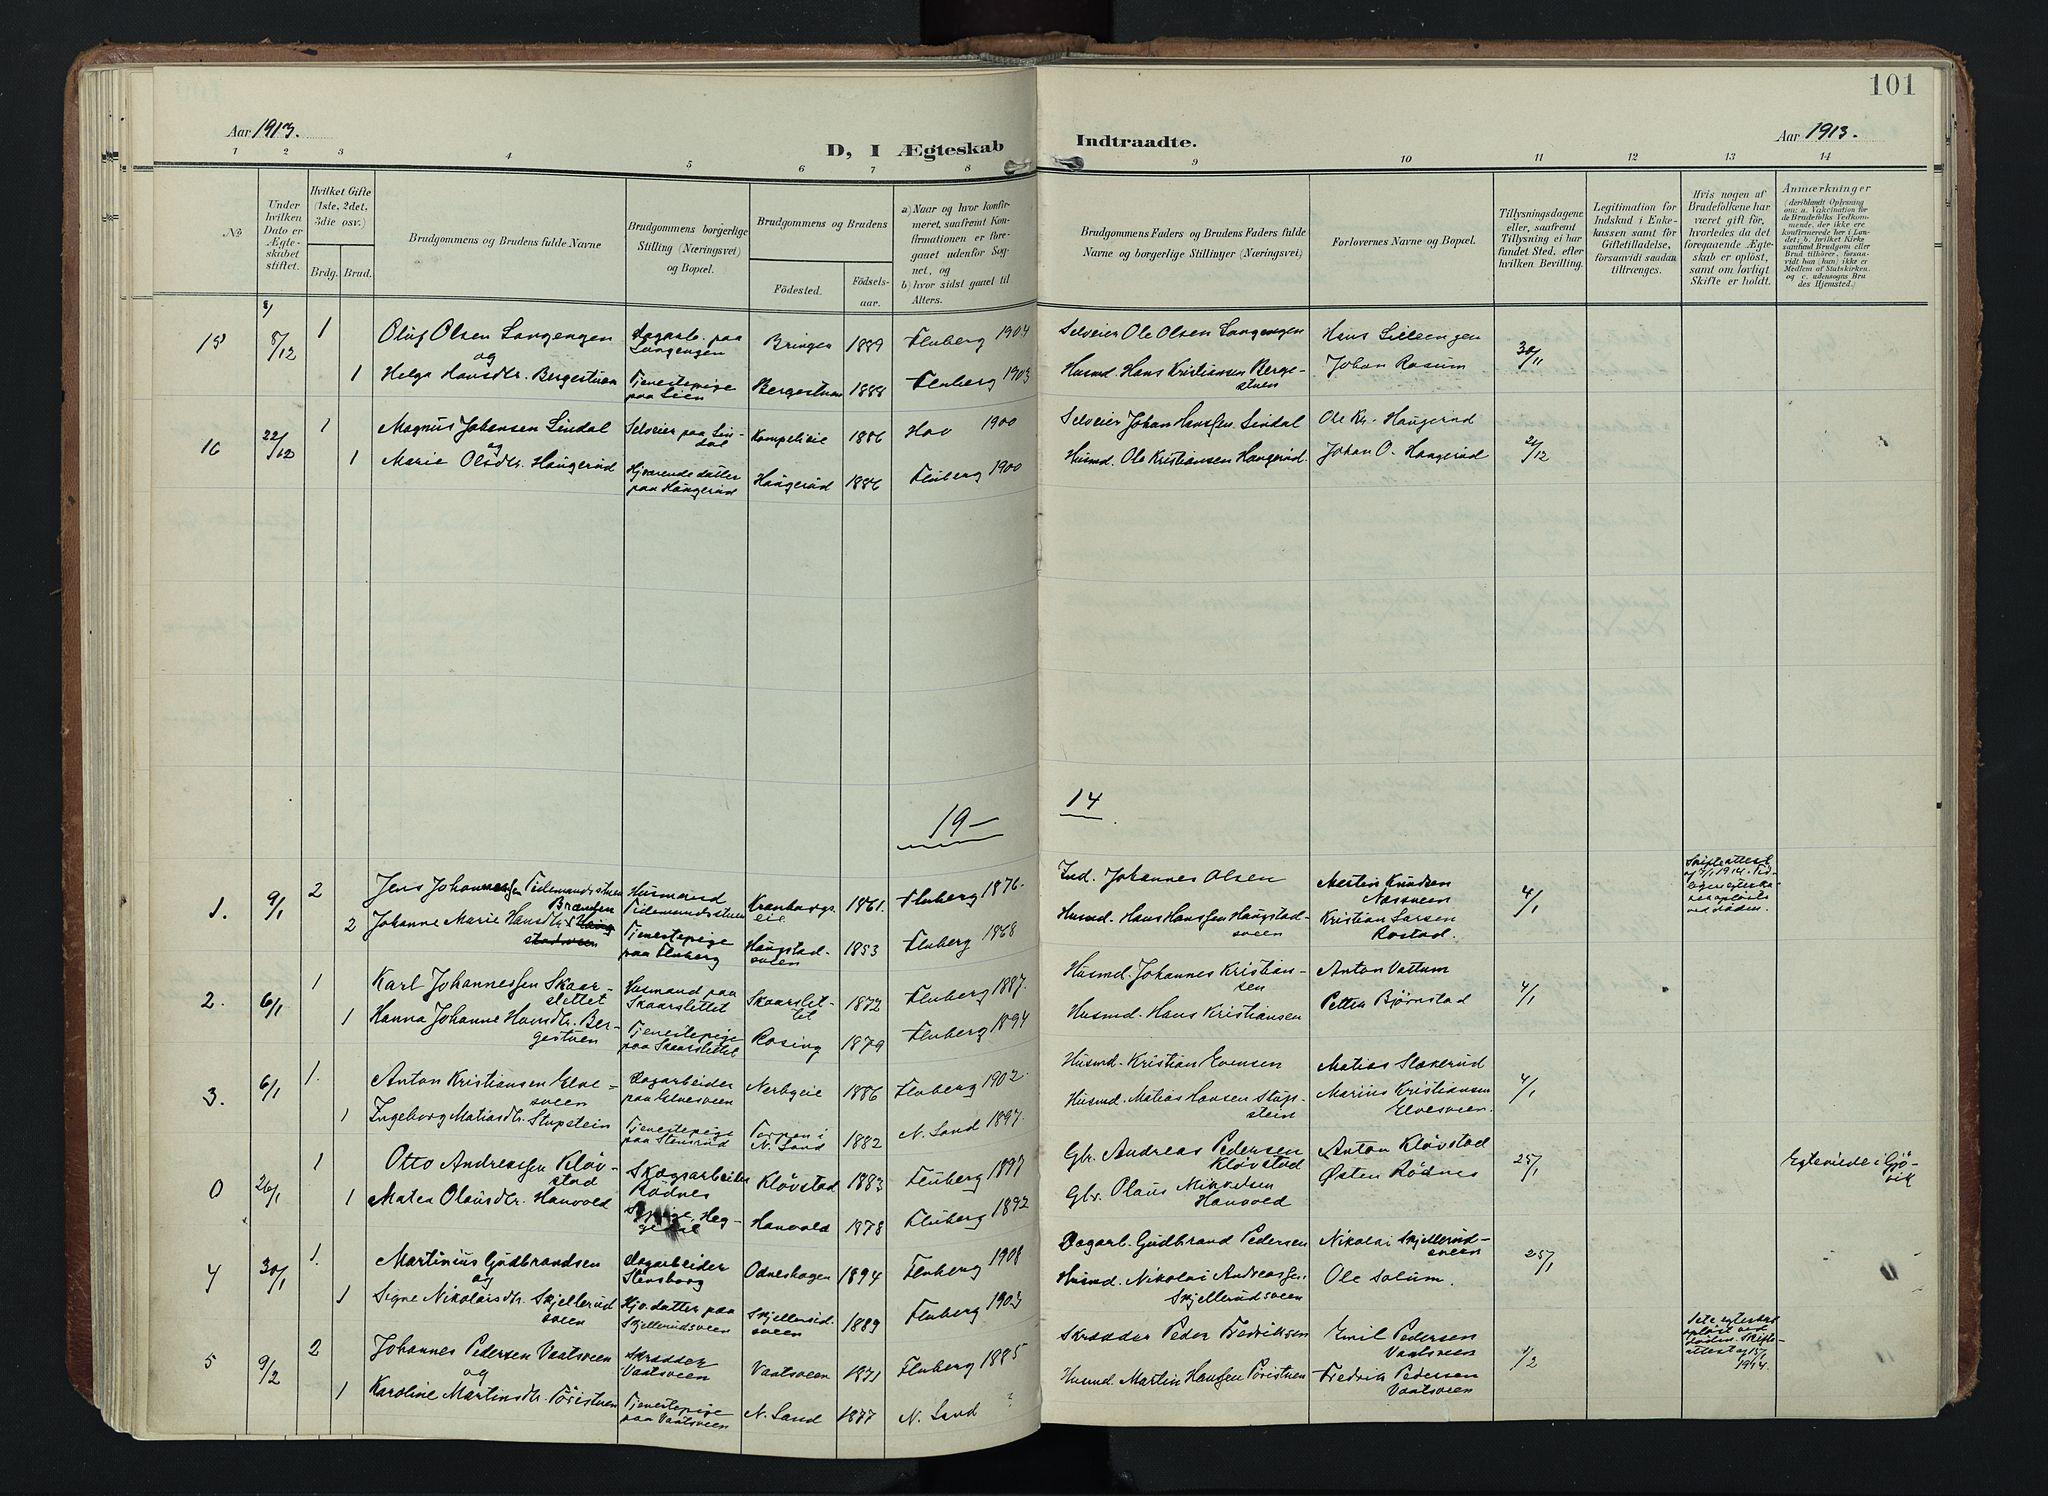 SAH, Søndre Land prestekontor, K/L0005: Ministerialbok nr. 5, 1905-1914, s. 101